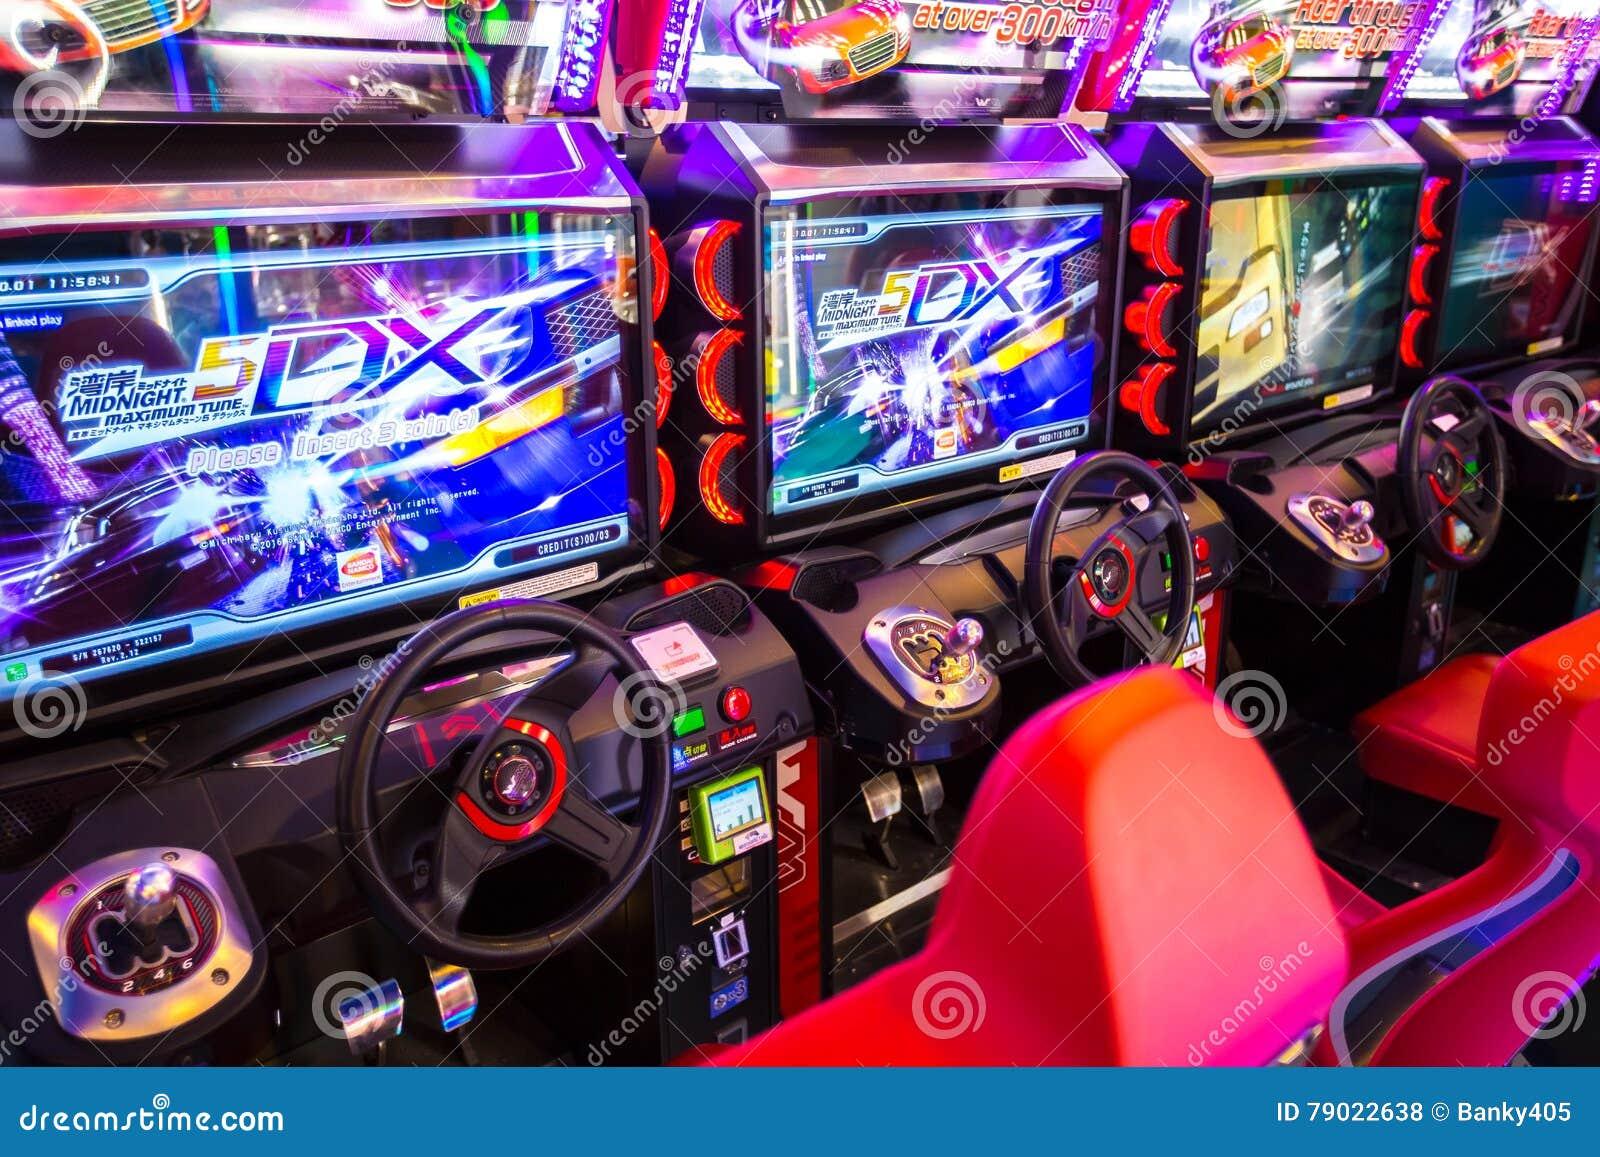 Эмулятор игровых автоматов торрент